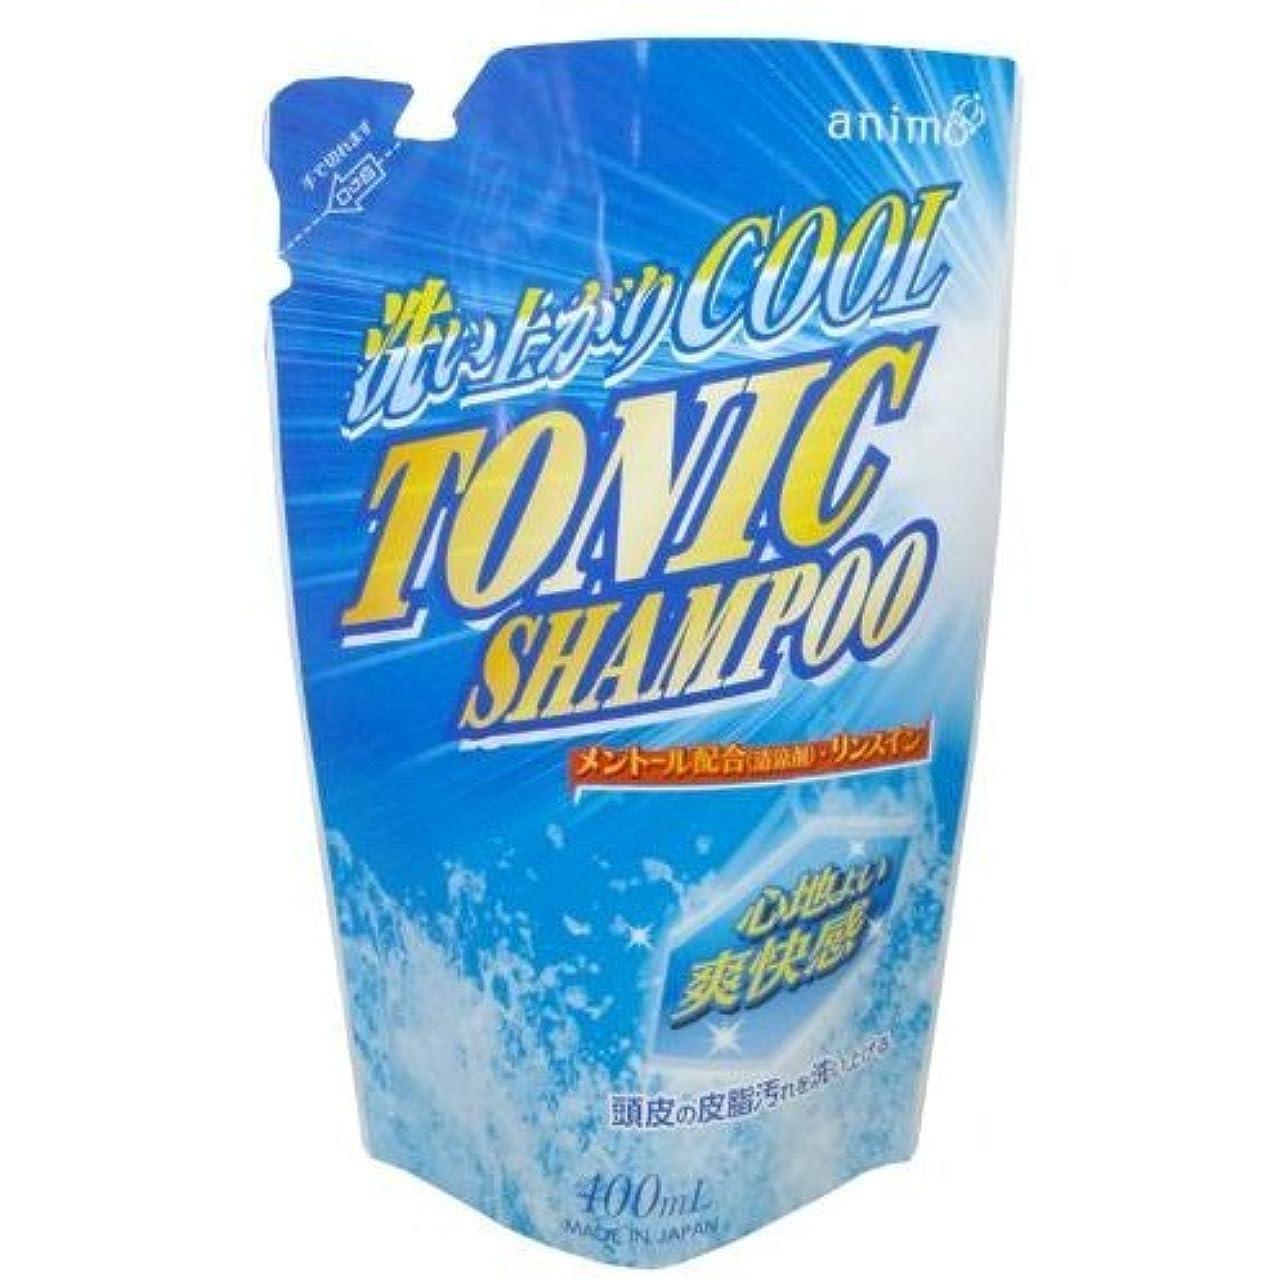 ウェイド修正汚れるロケット石鹸 トニックシャンプー 詰替用 400ml ×3点セット(4571113801403)